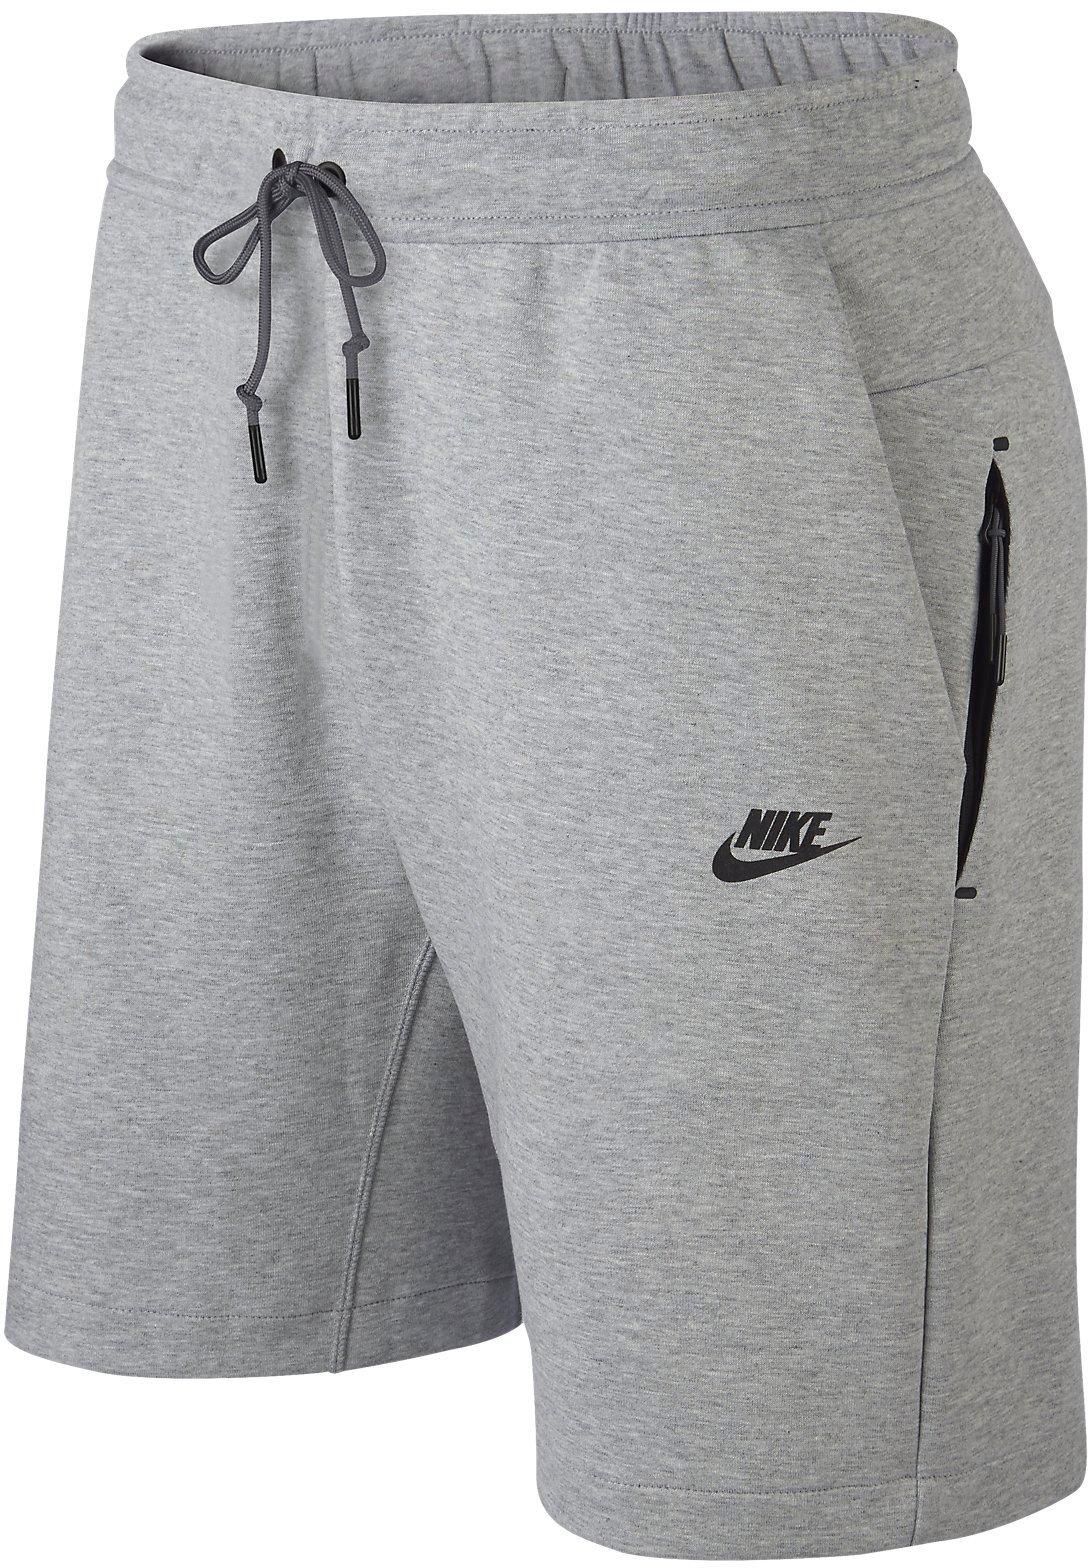 3e6081e4656 Pánské kraťasy Nike Tech Fleece